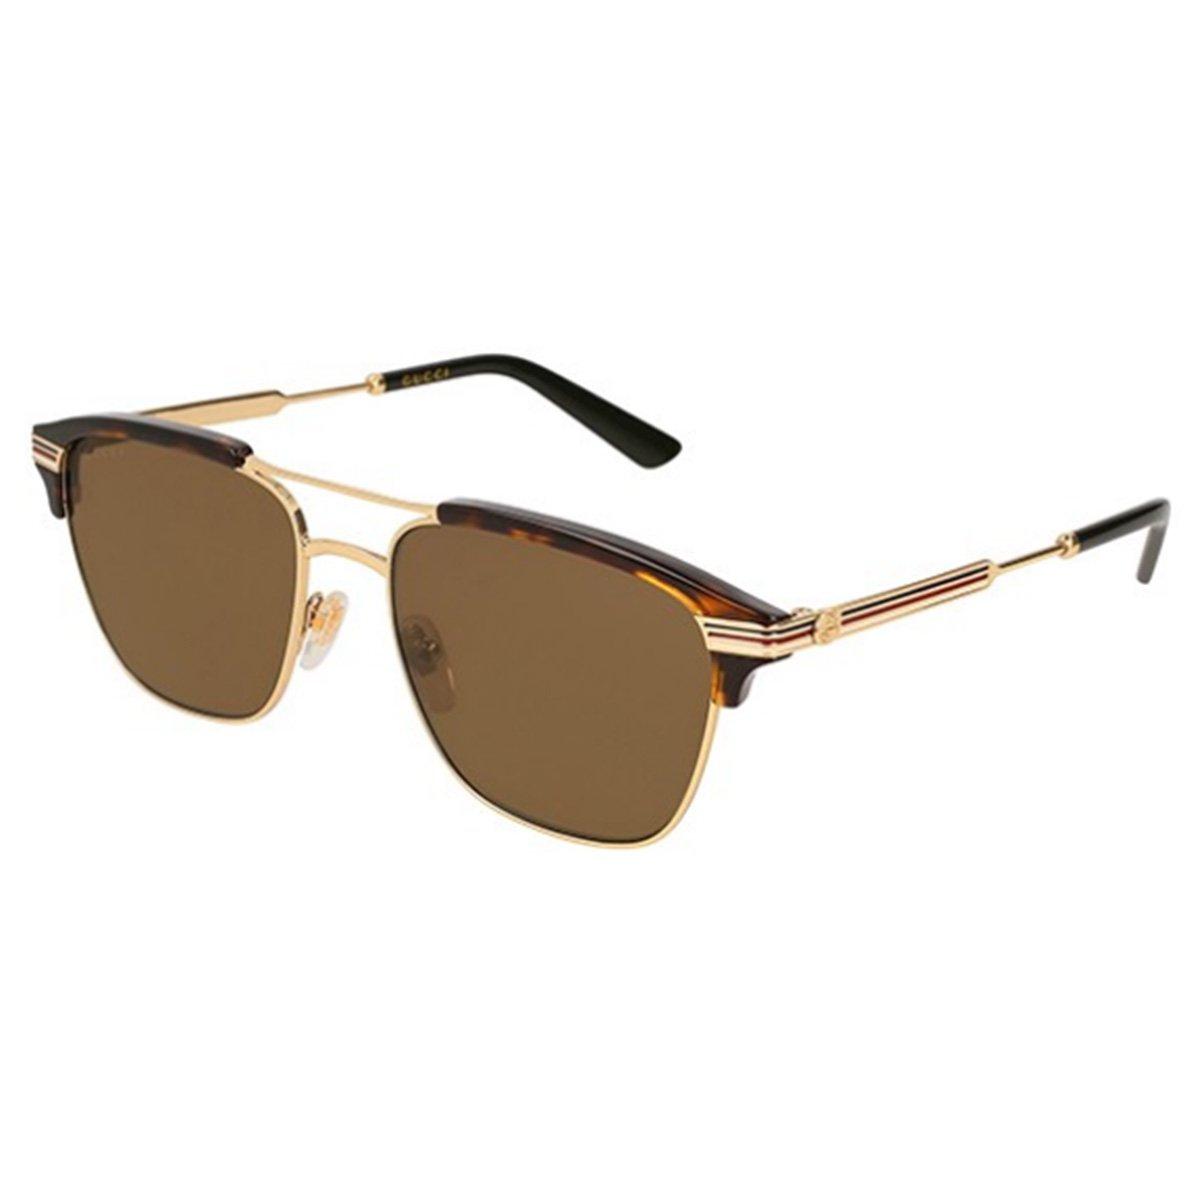 677e20956 Compre Óculos de Sol Gucci em 10X | Tri-Jóia Shop